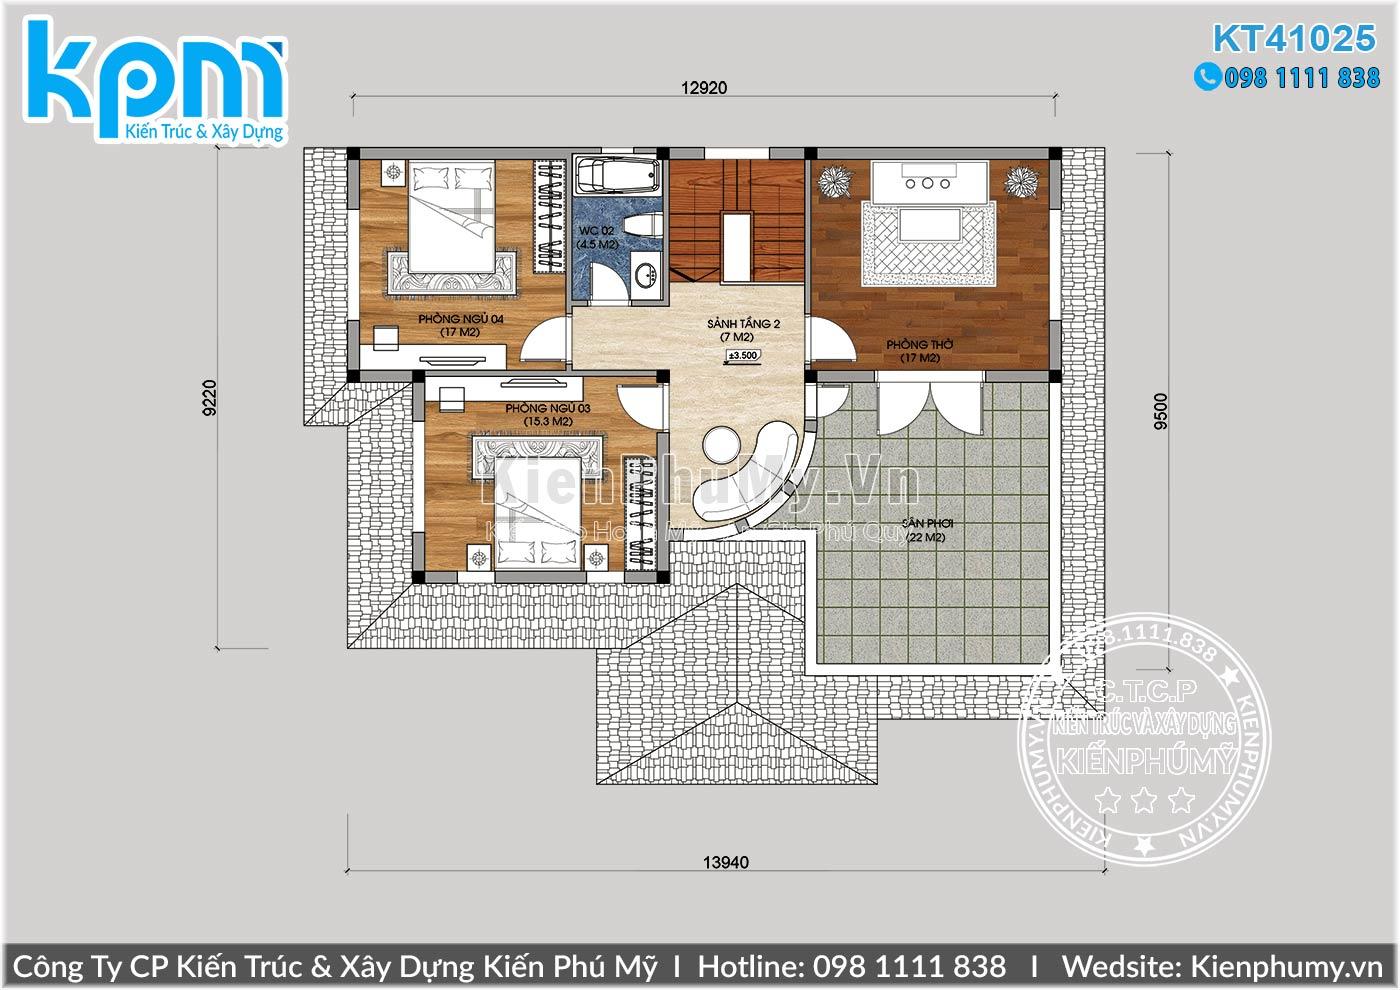 Thiết kế mặt bằng công năng tầng 2 mẫu nhà biệt thự mái thái 2 tầng